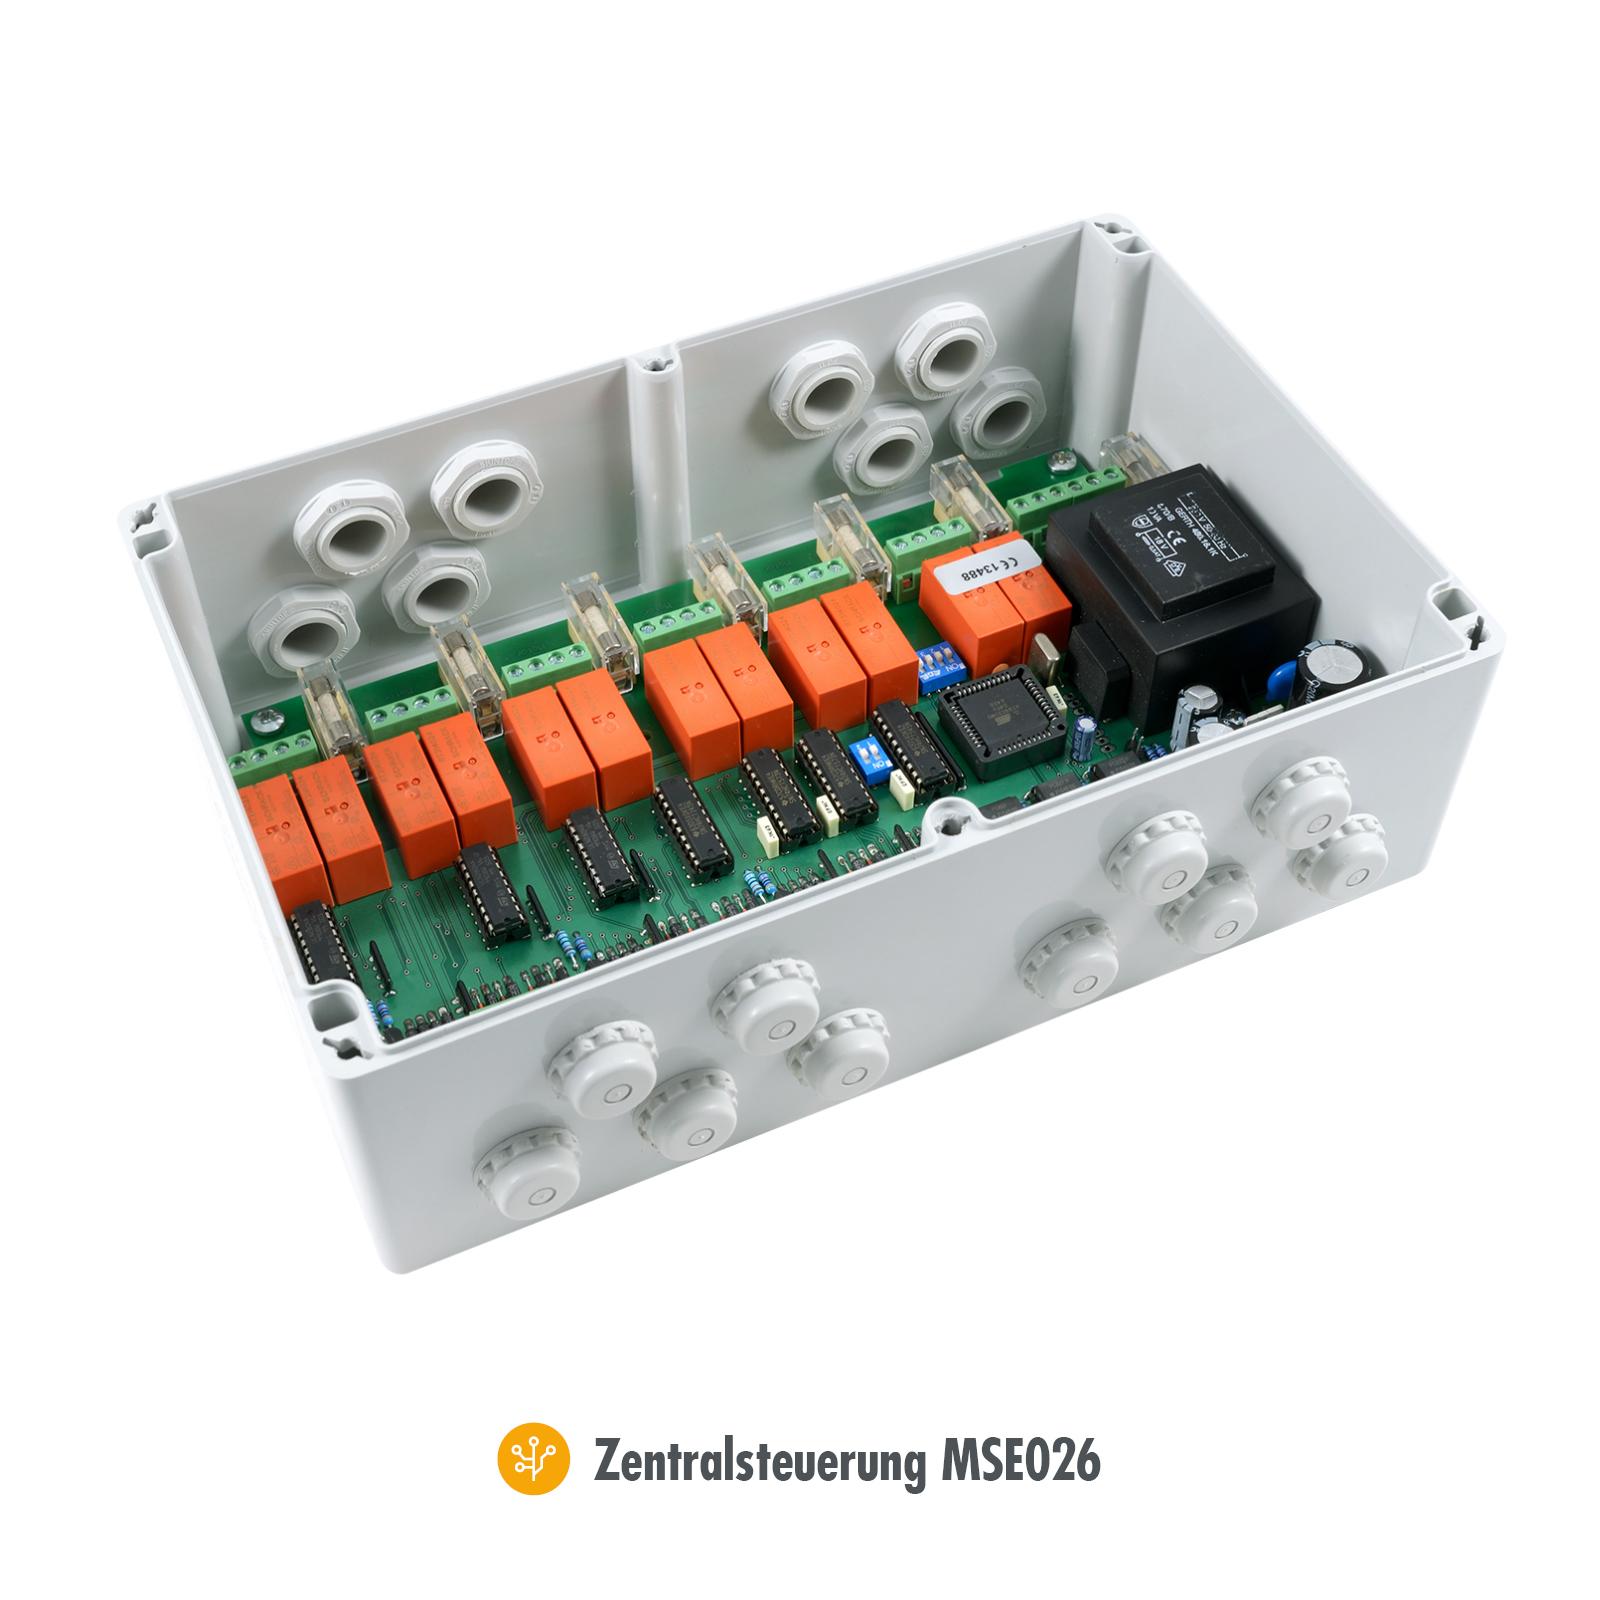 rolladensteuerung trennrelais zentralsteuerung f r 2 10 rollladenmotor en ebay